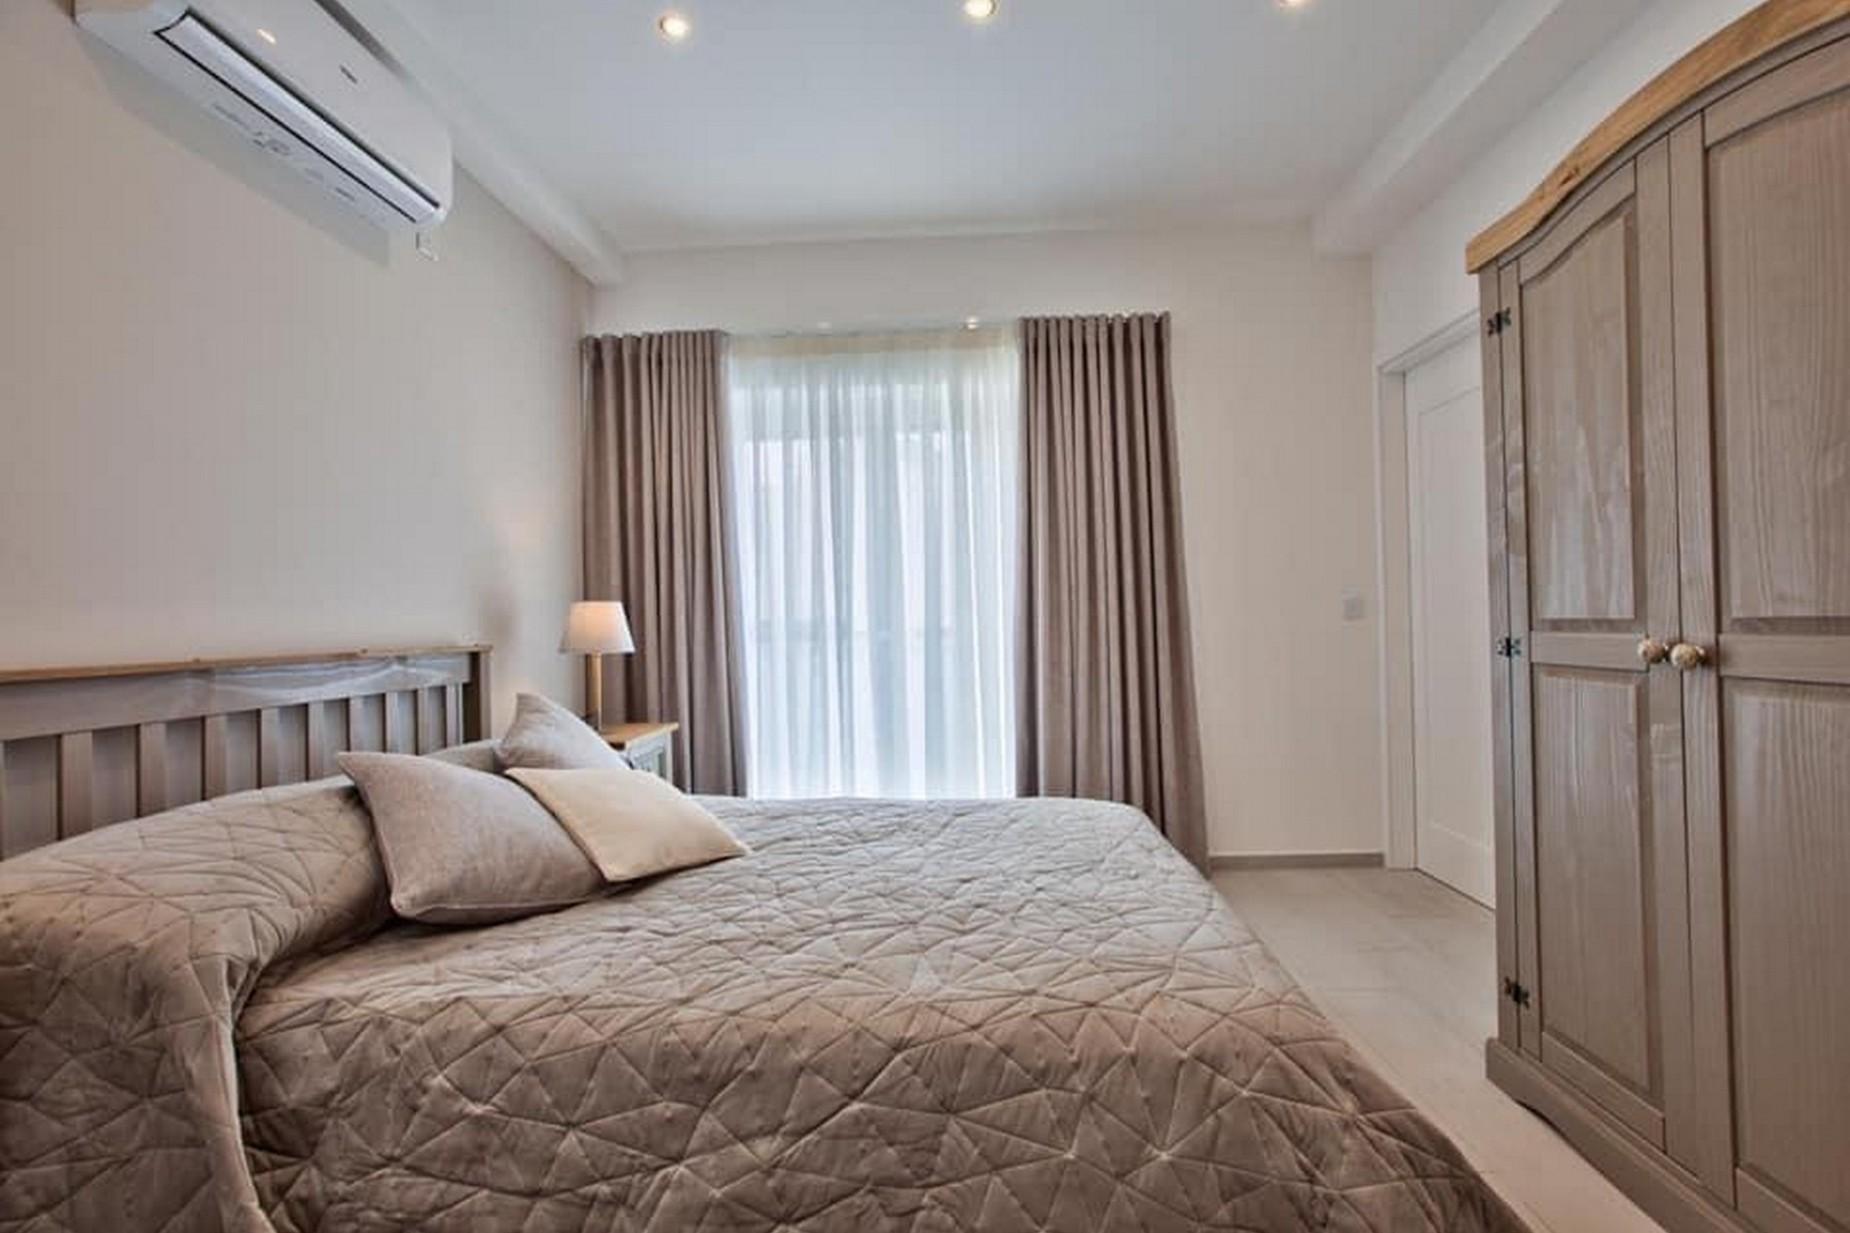 3 bed Apartment For Rent in San Gwann, San Gwann - thumb 8